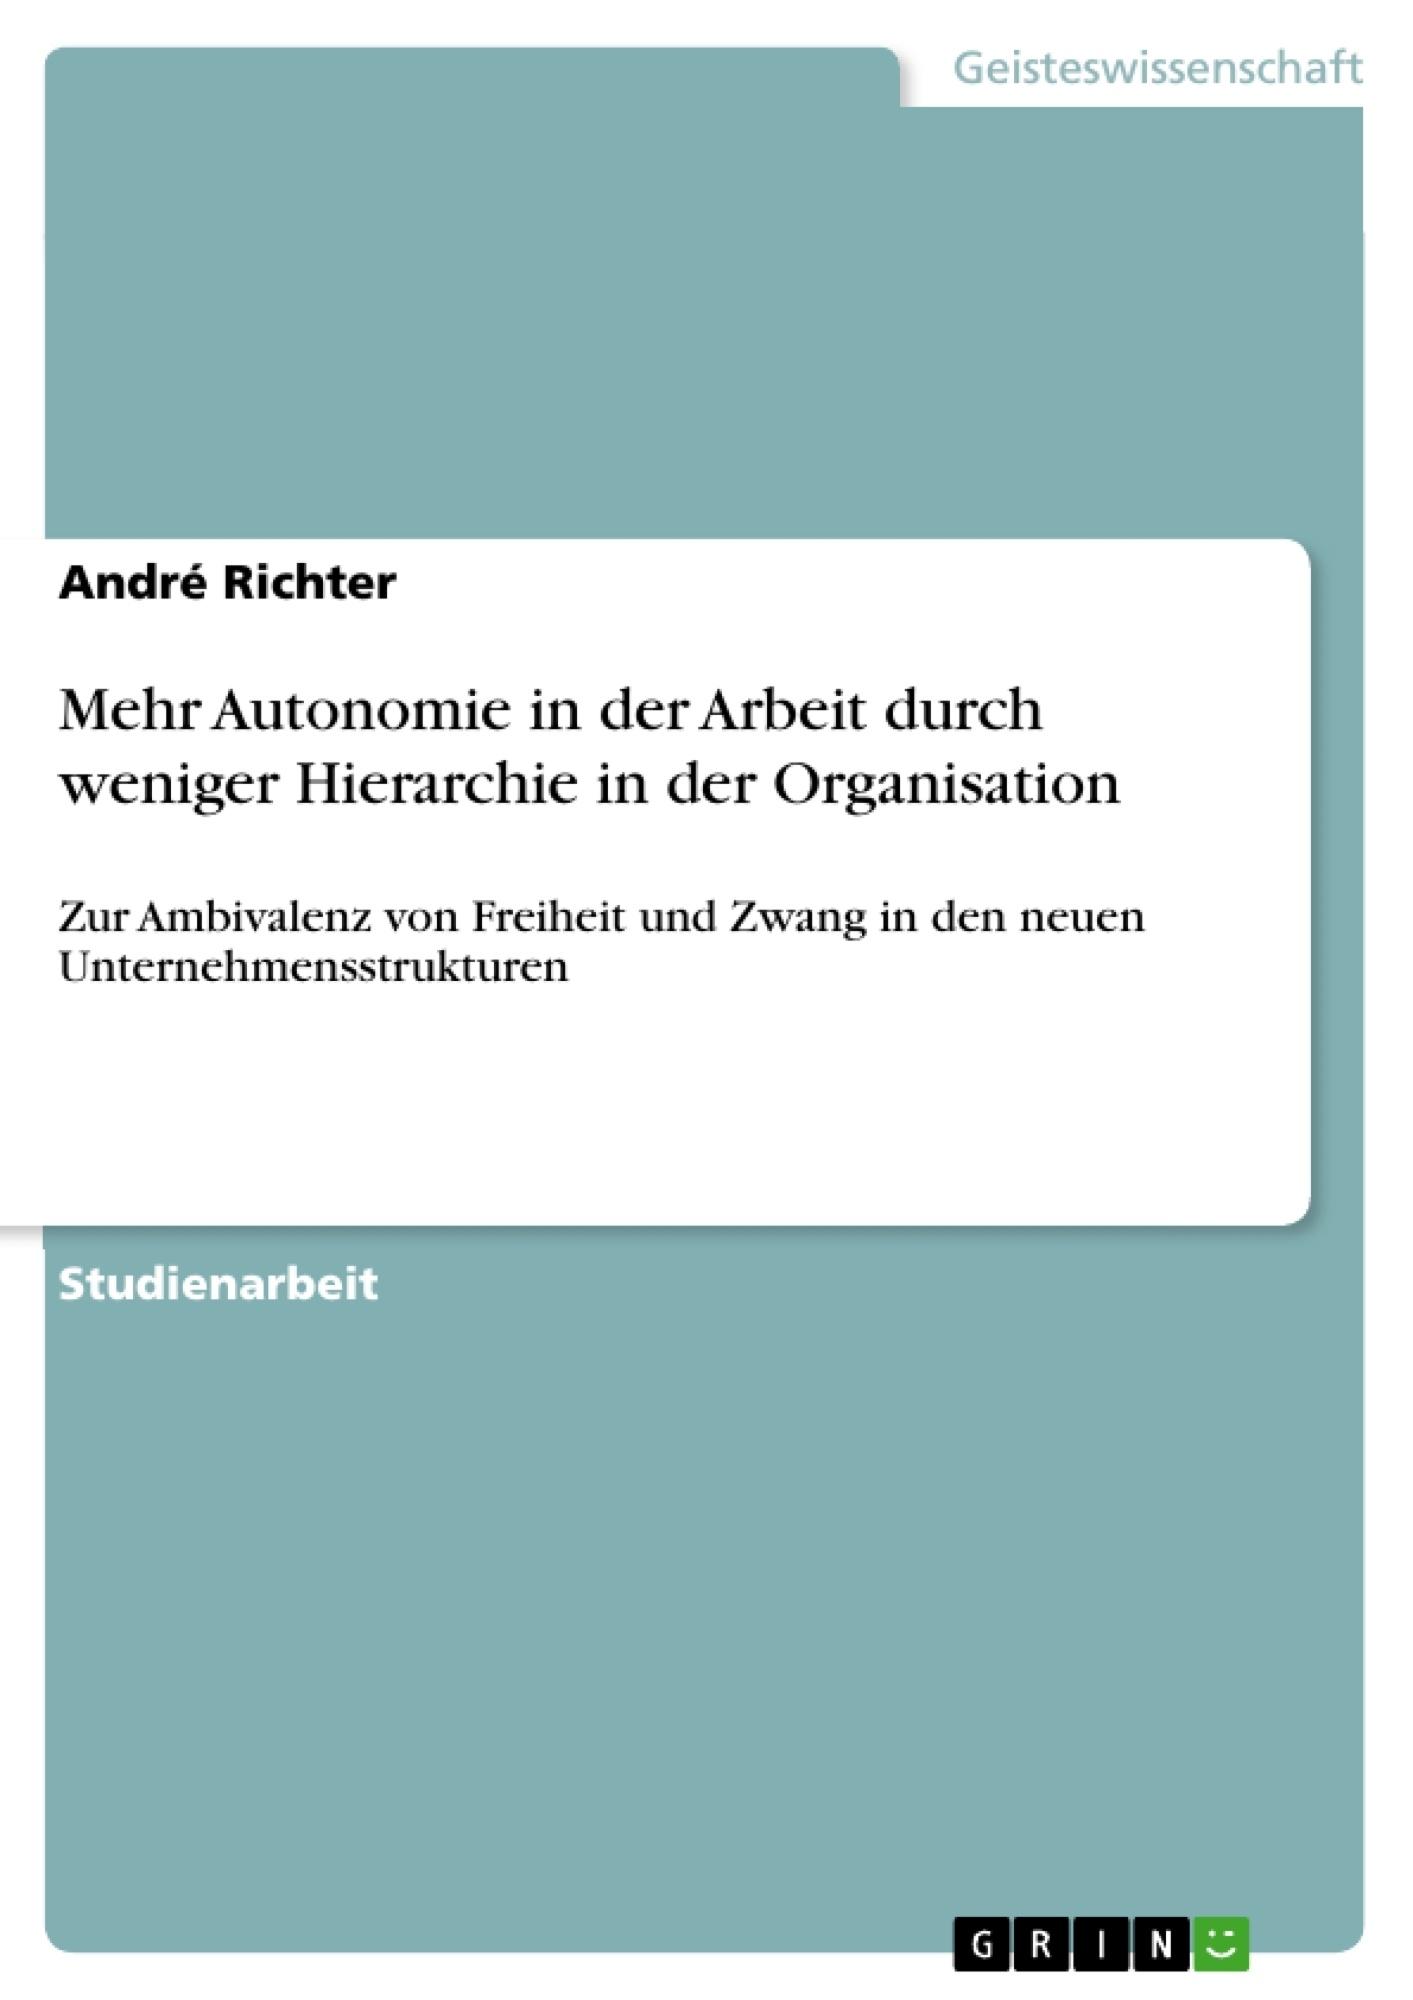 Titel: Mehr Autonomie in der Arbeit durch weniger Hierarchie in der Organisation